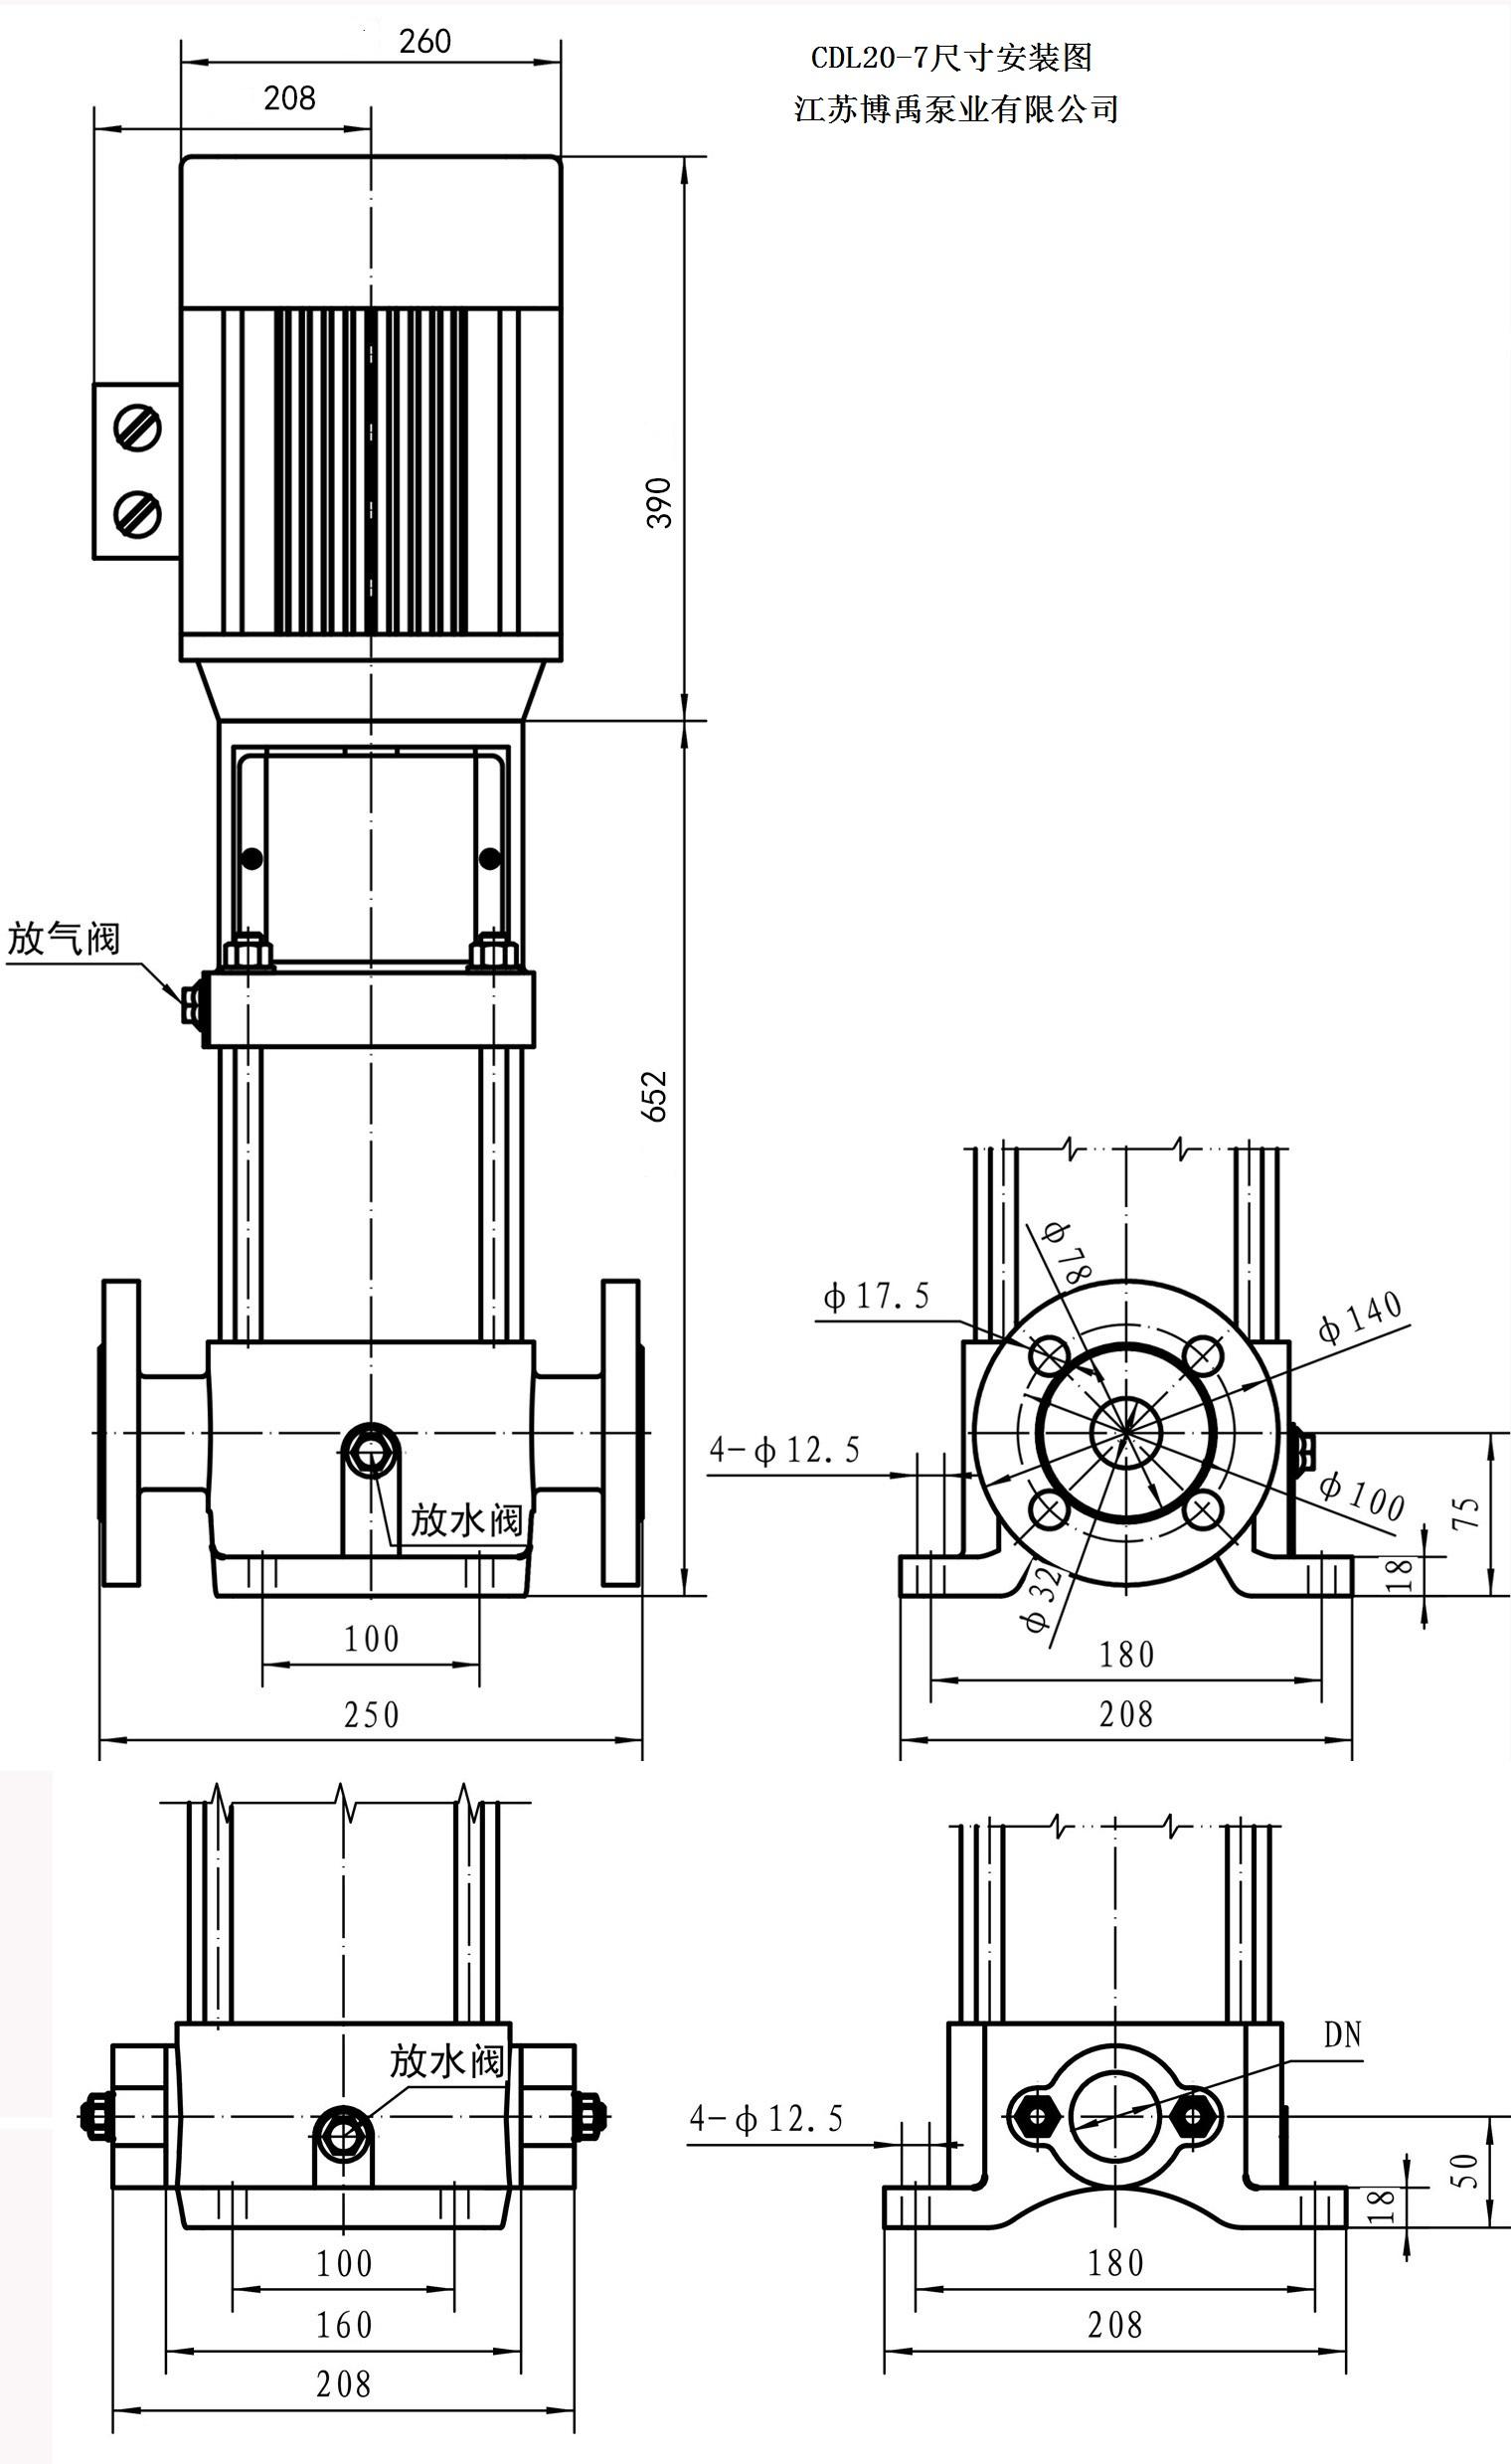 QDL20-70离心泵安装尺寸图